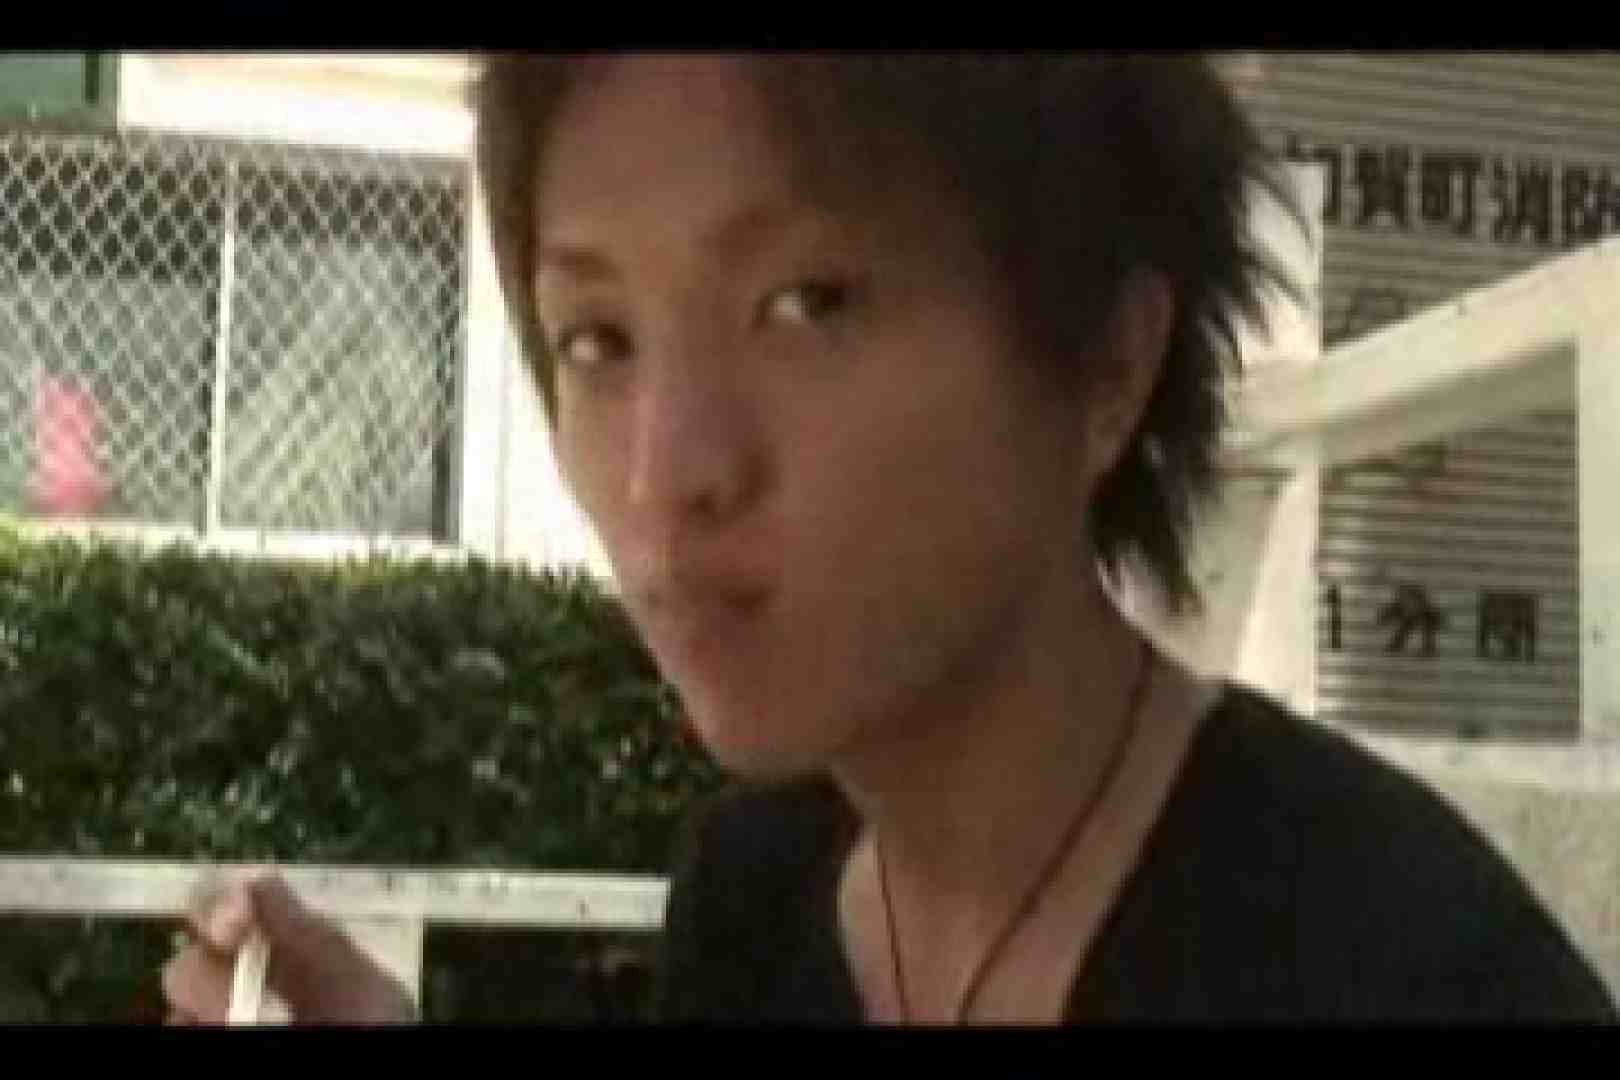 イケメンの逝きまくり旅情!!in 横浜 アナル舐め ゲイ丸見え画像 90pic 73